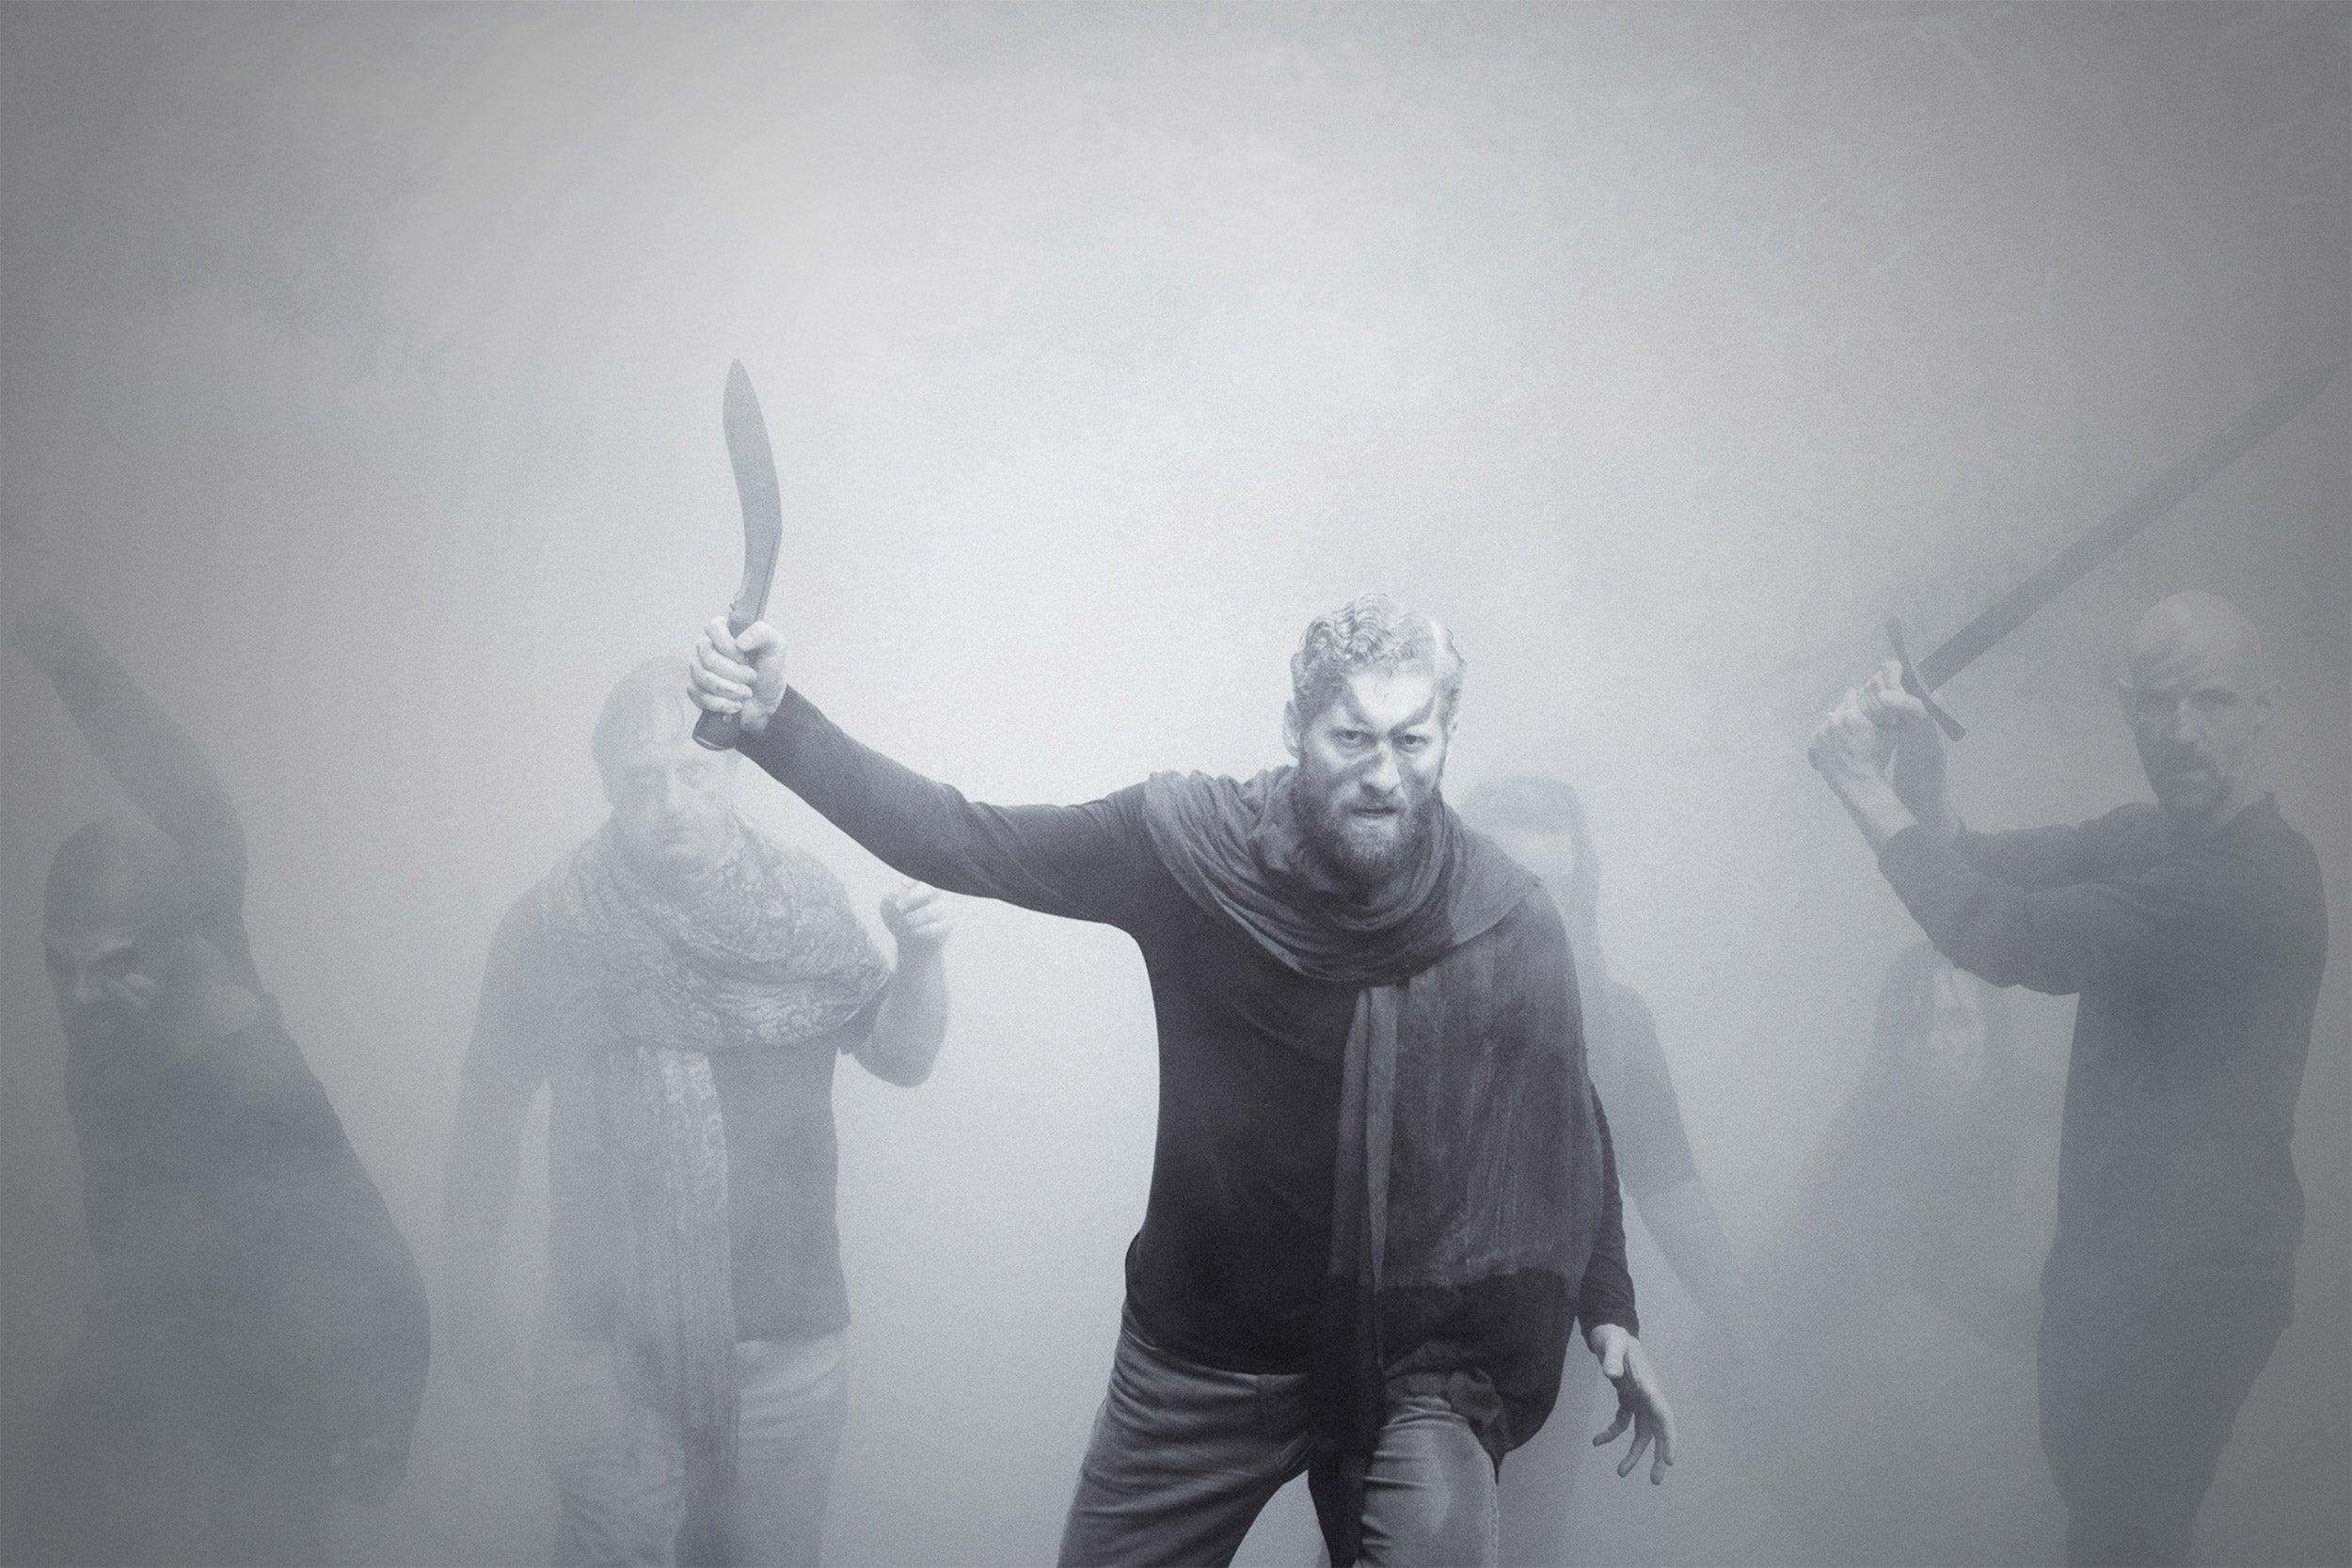 Macbeth at the Arboretum